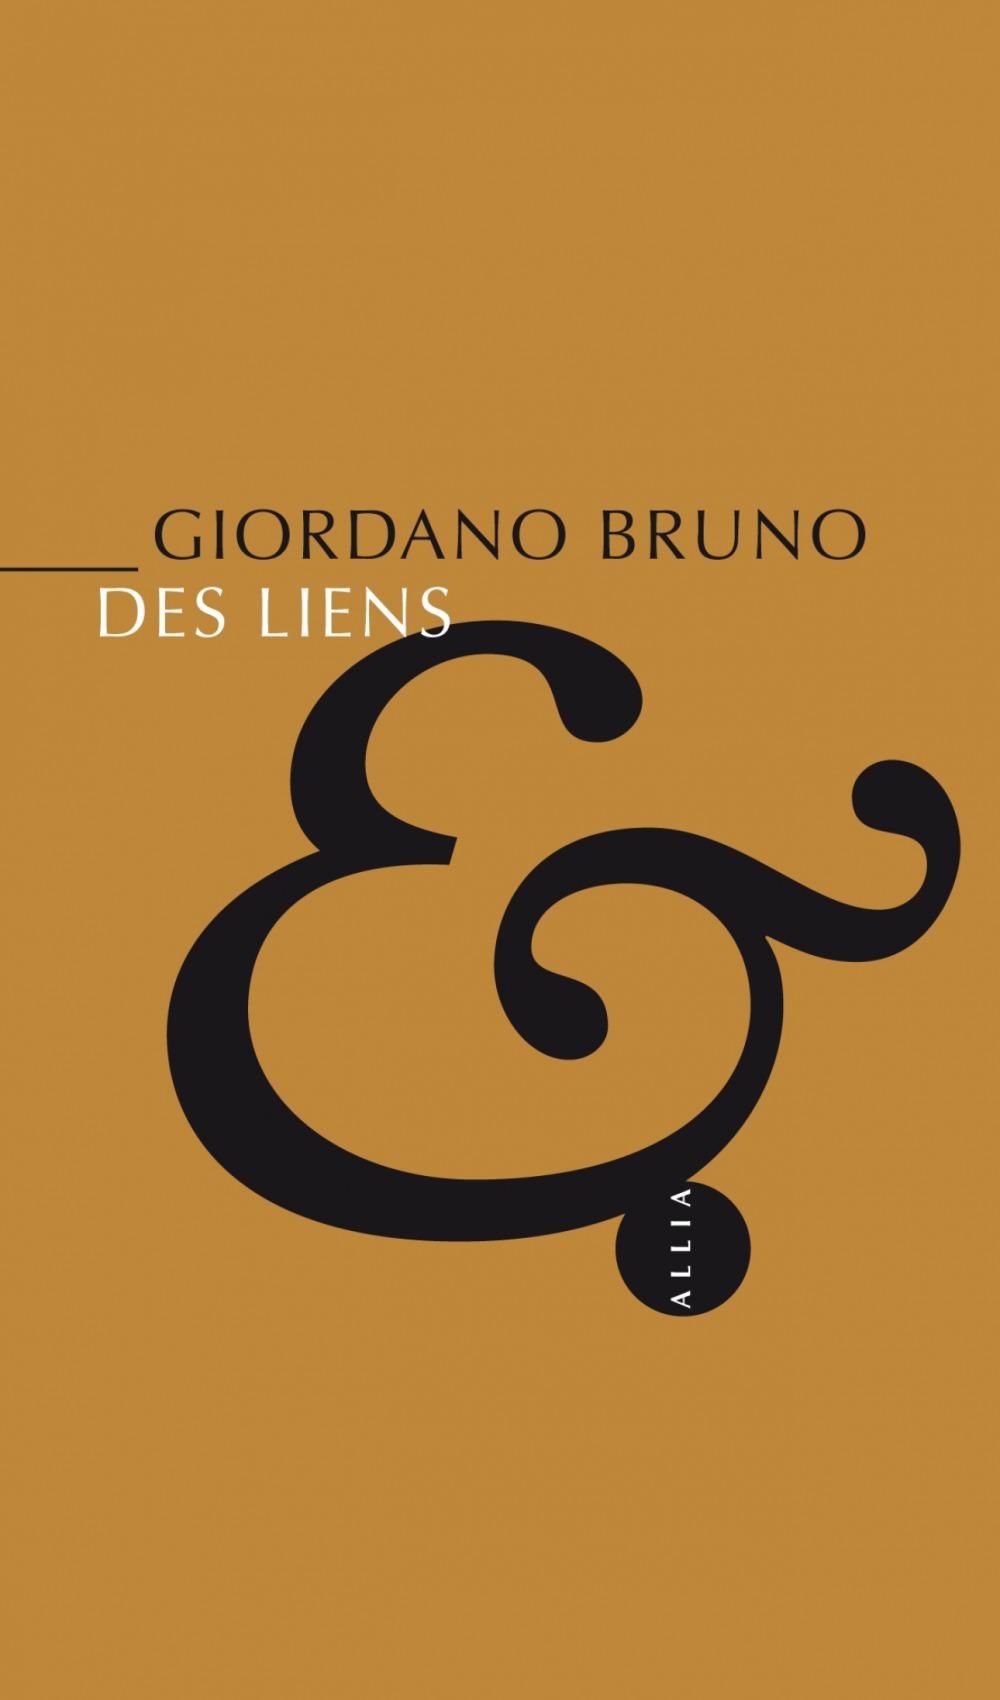 Giordano BRUNO Des liens